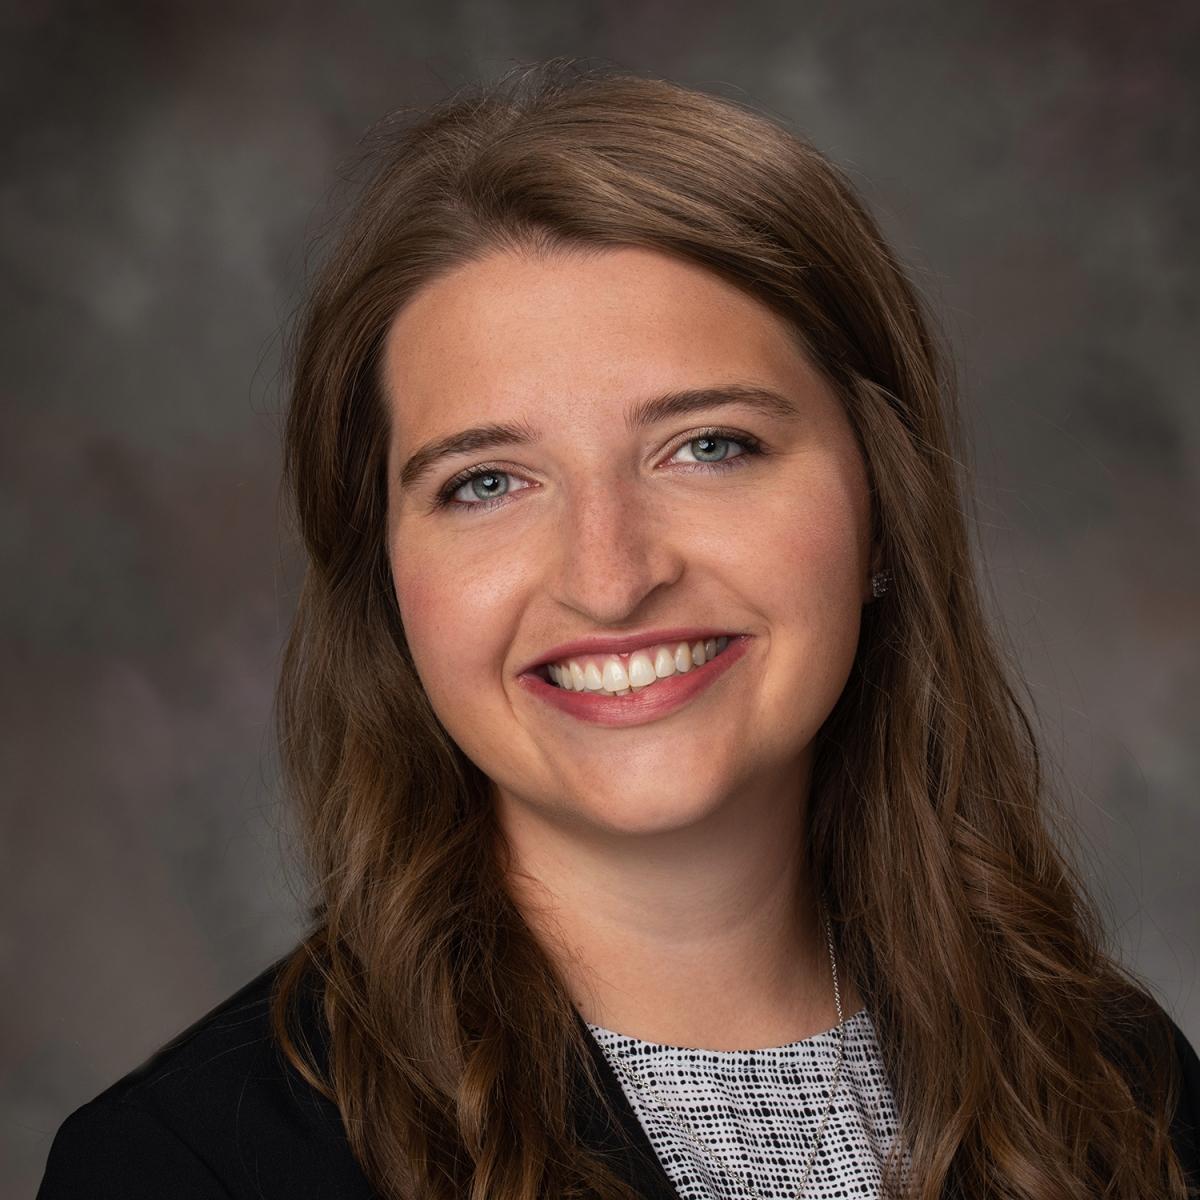 profile picture of Brianna Buseman